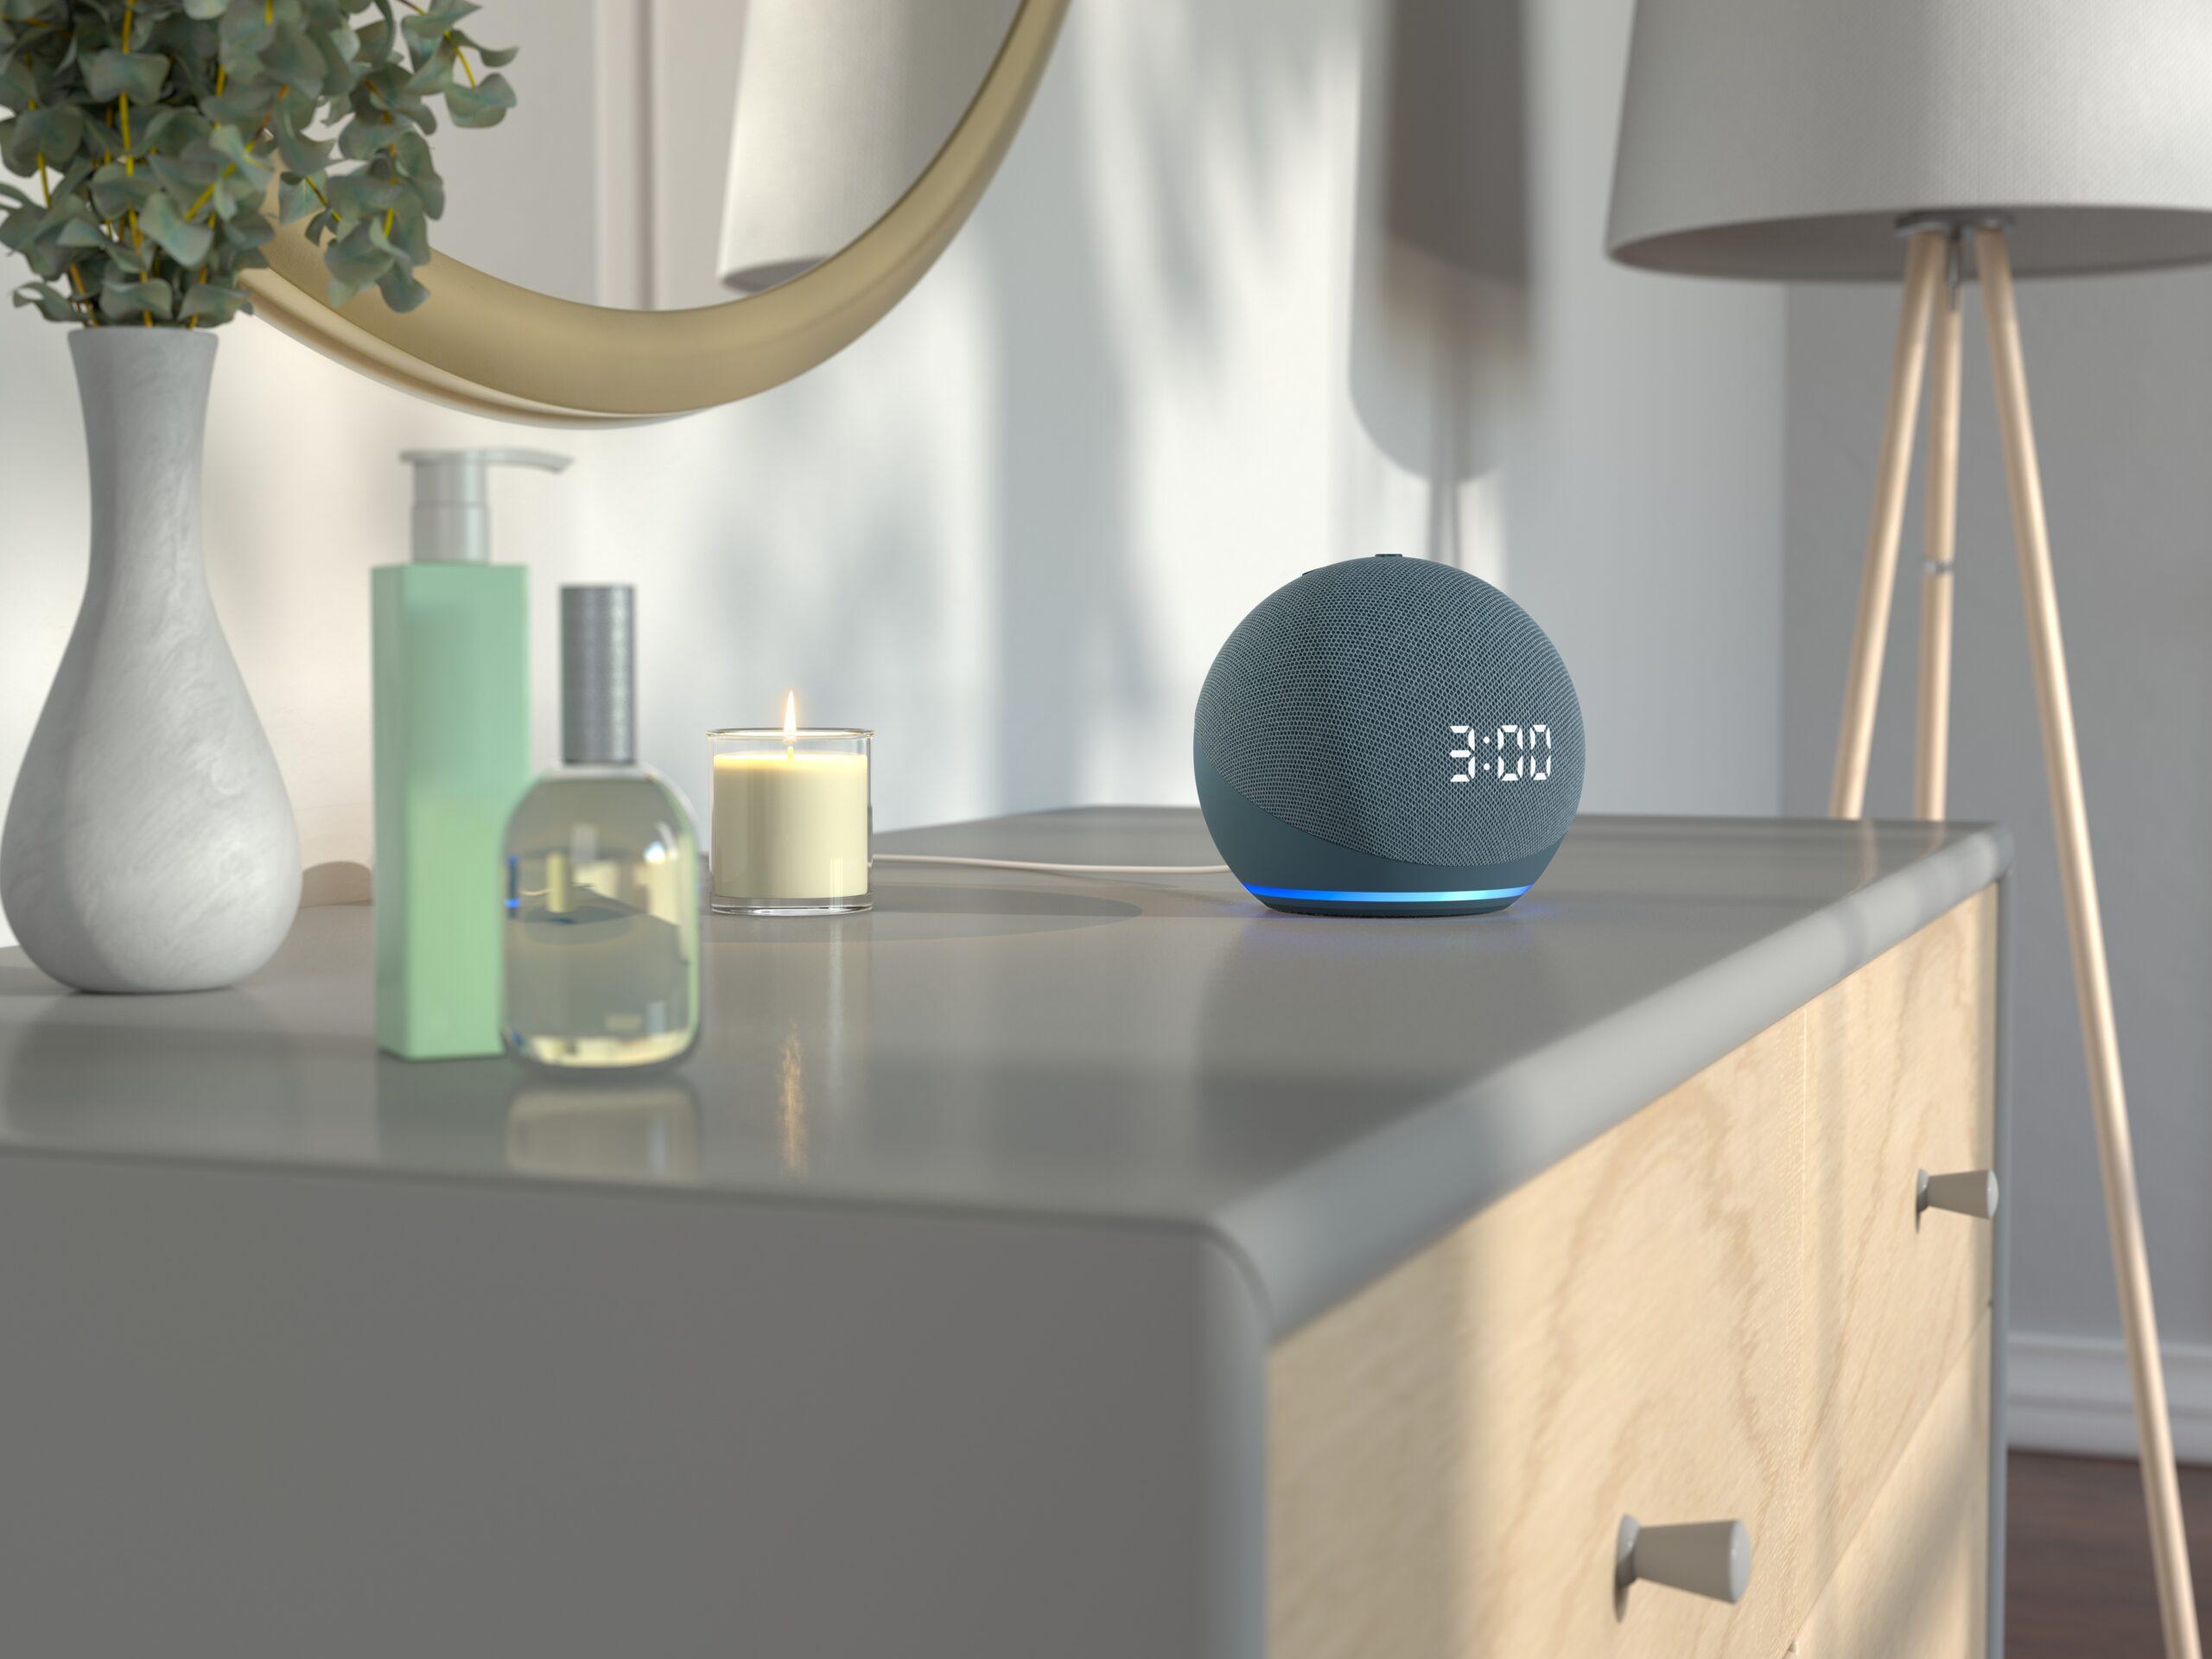 Amazon rinnova la famiglia di dispositivi Echo, reinventati dentro e fuori 13